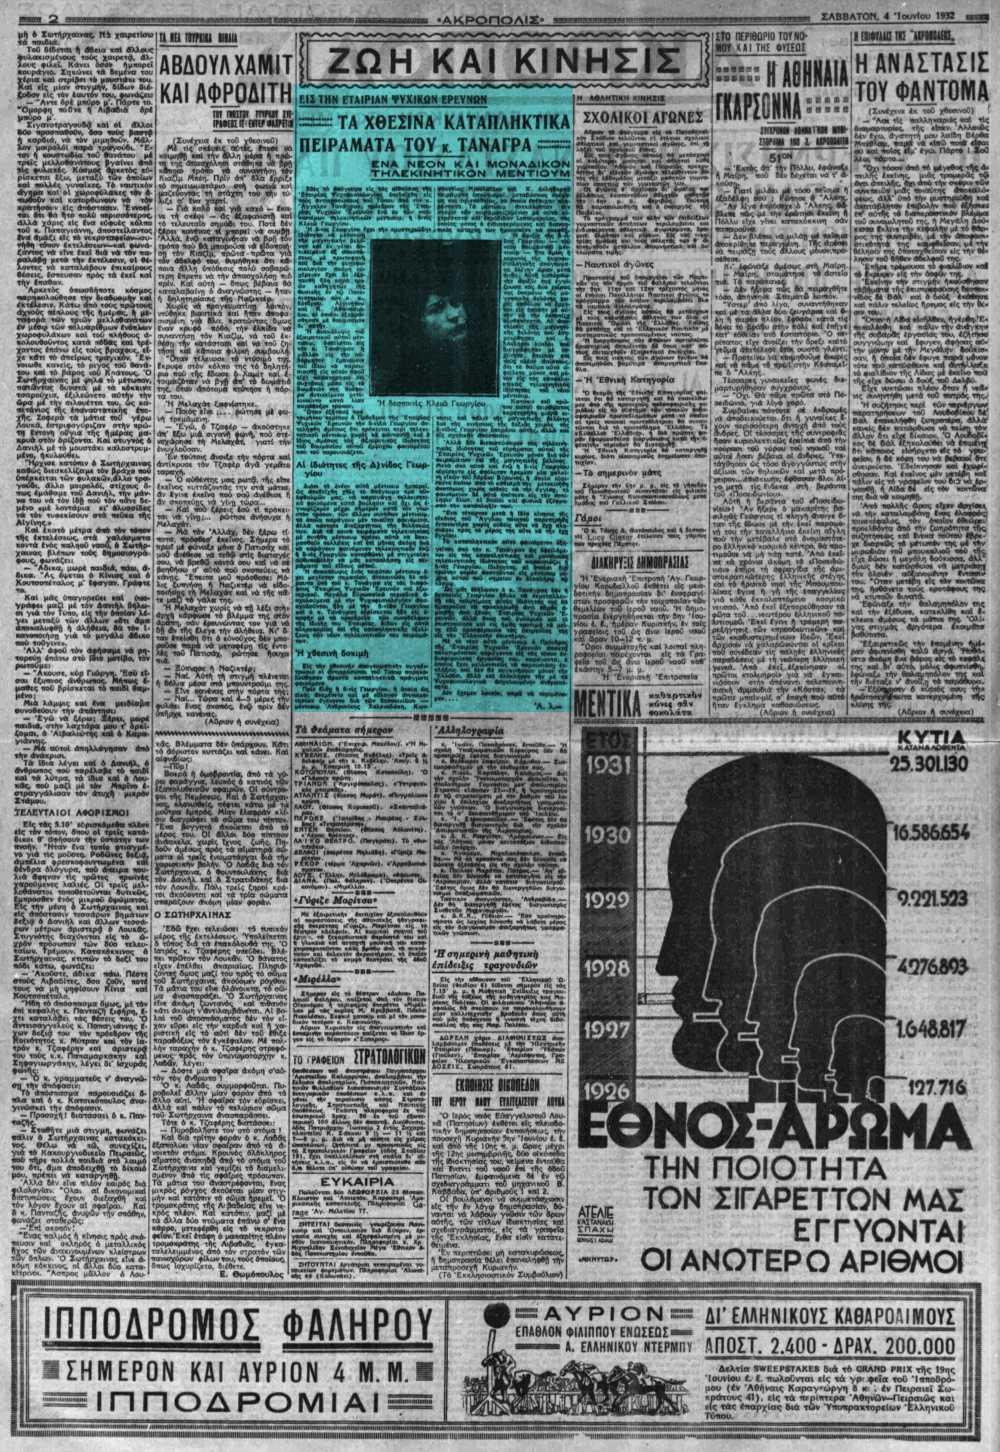 """Το άρθρο, όπως δημοσιεύθηκε στην εφημερίδα """"ΑΚΡΟΠΟΛΙΣ"""", στις 04/06/1932"""